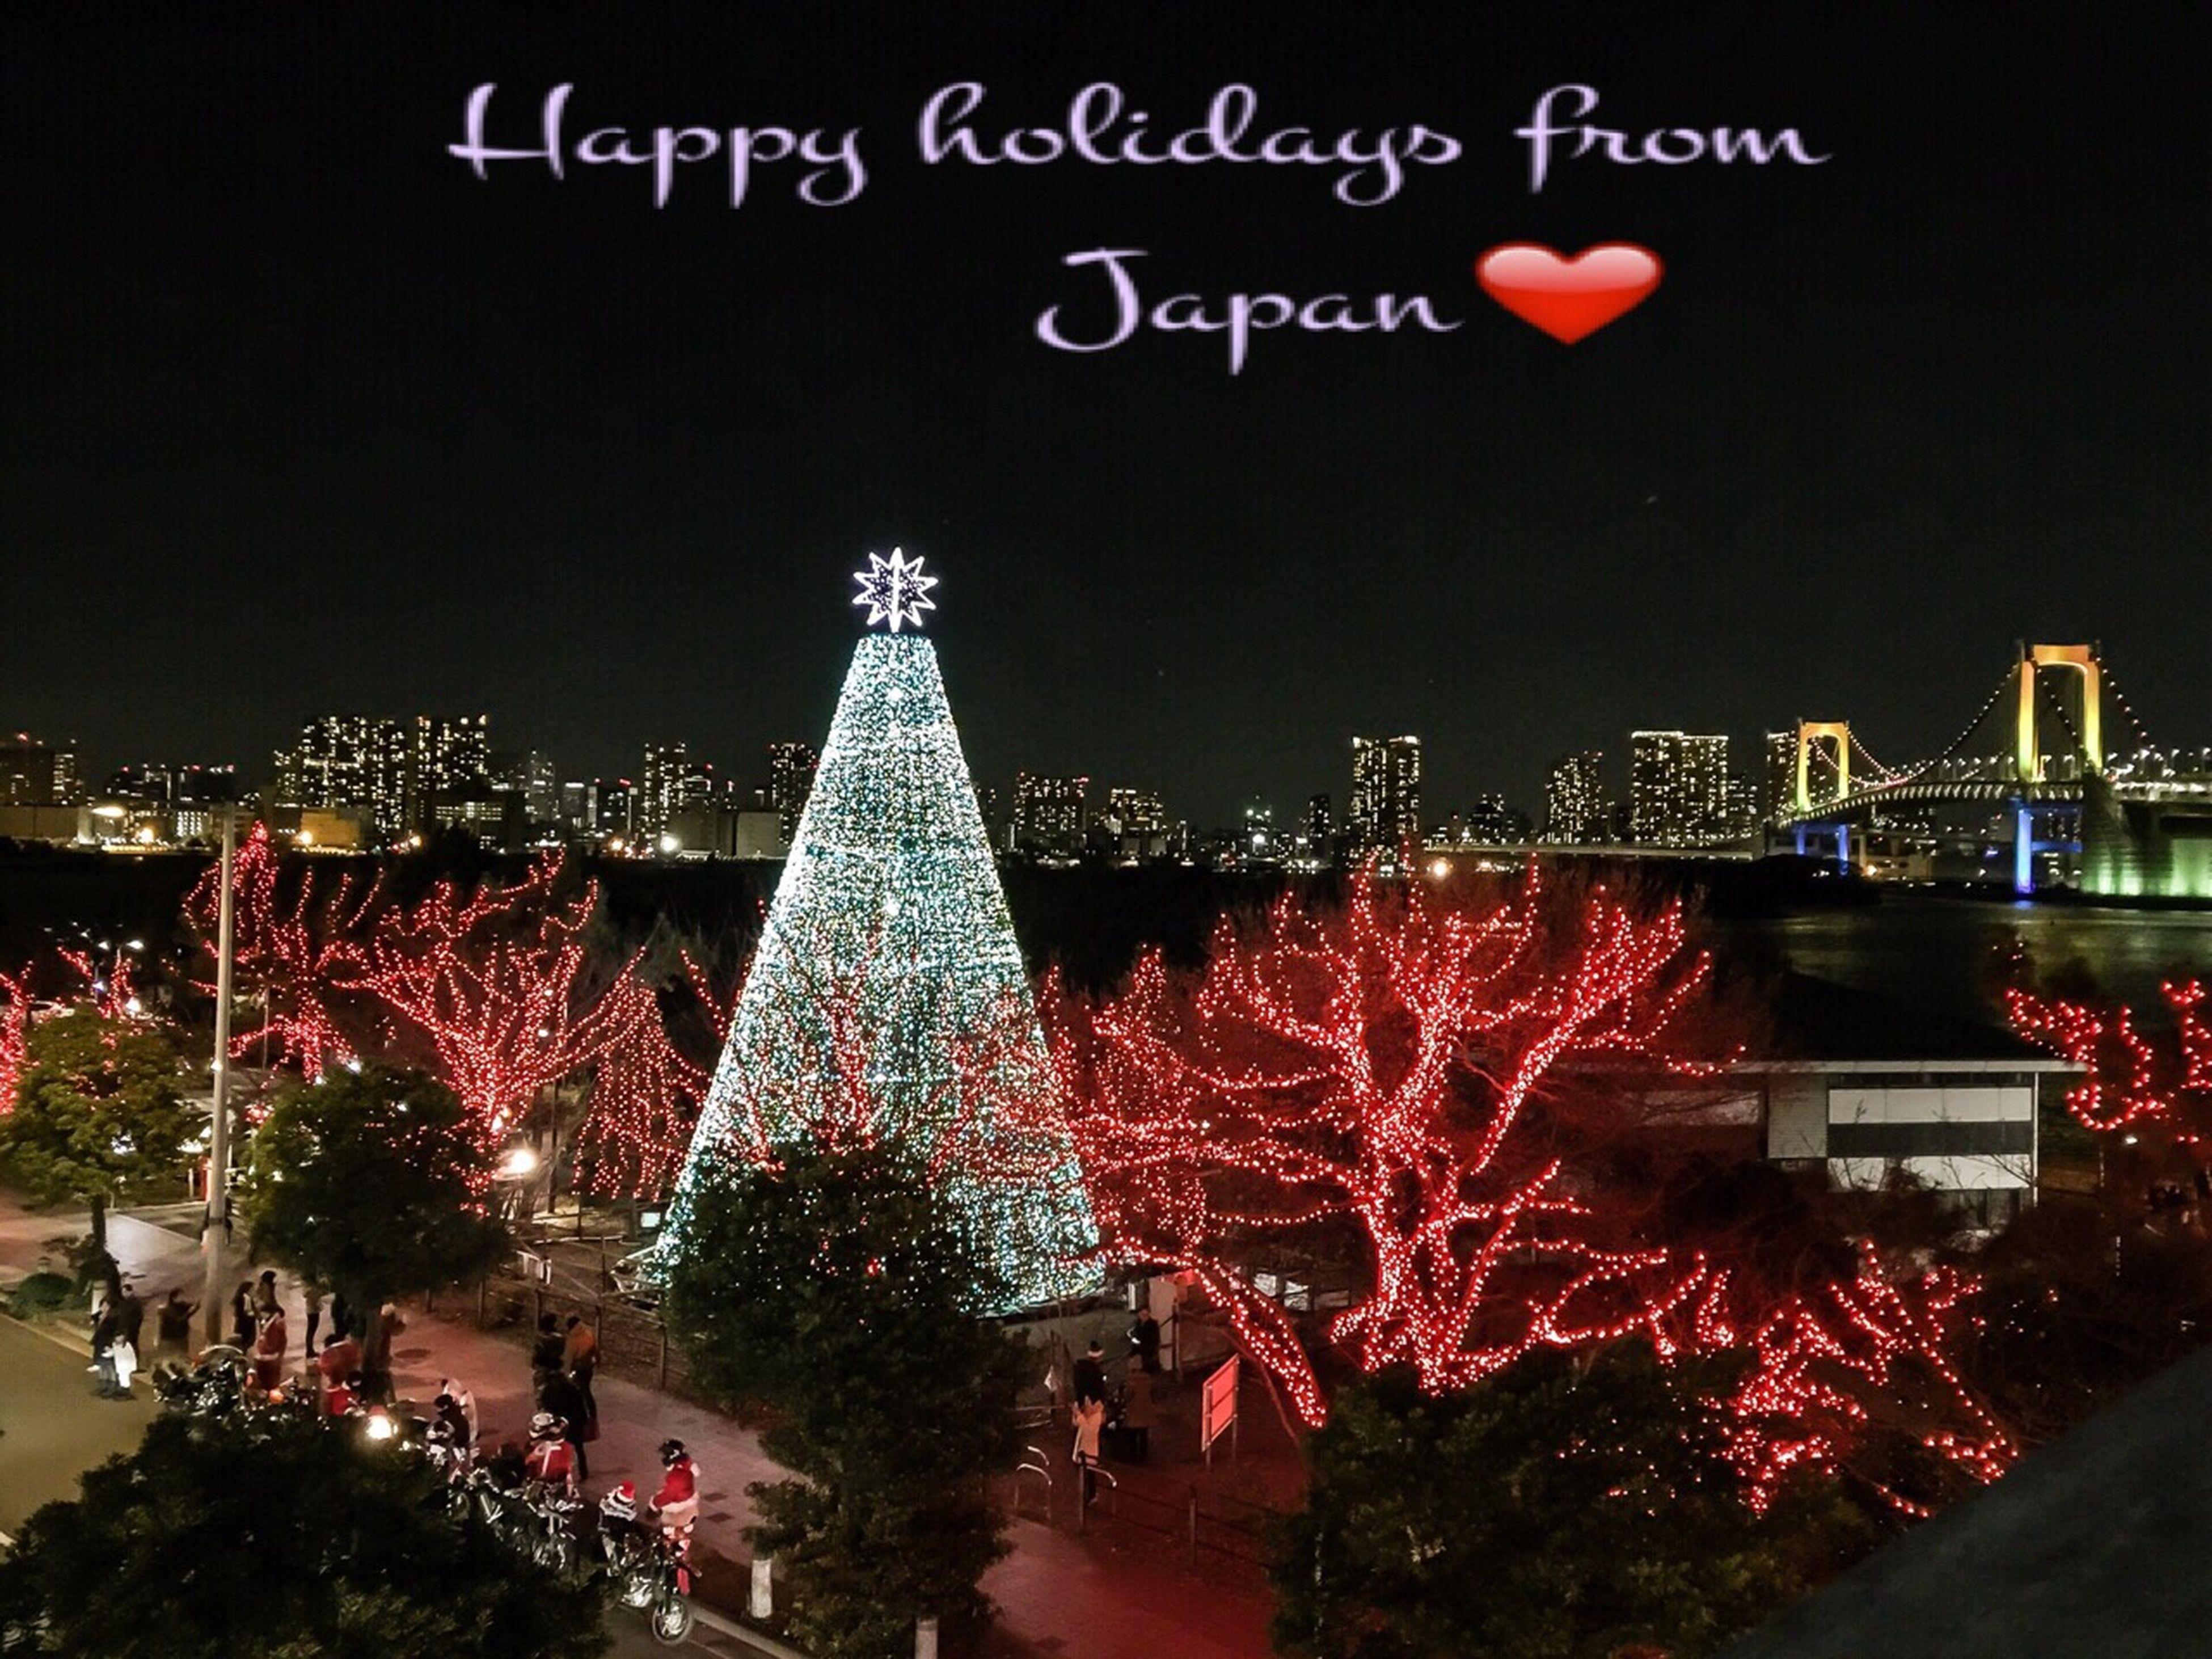 Greetings From Japan EyeEmJapan Streamzoofamily EyeEm Eyelovephotography Nightlights Nightshooters